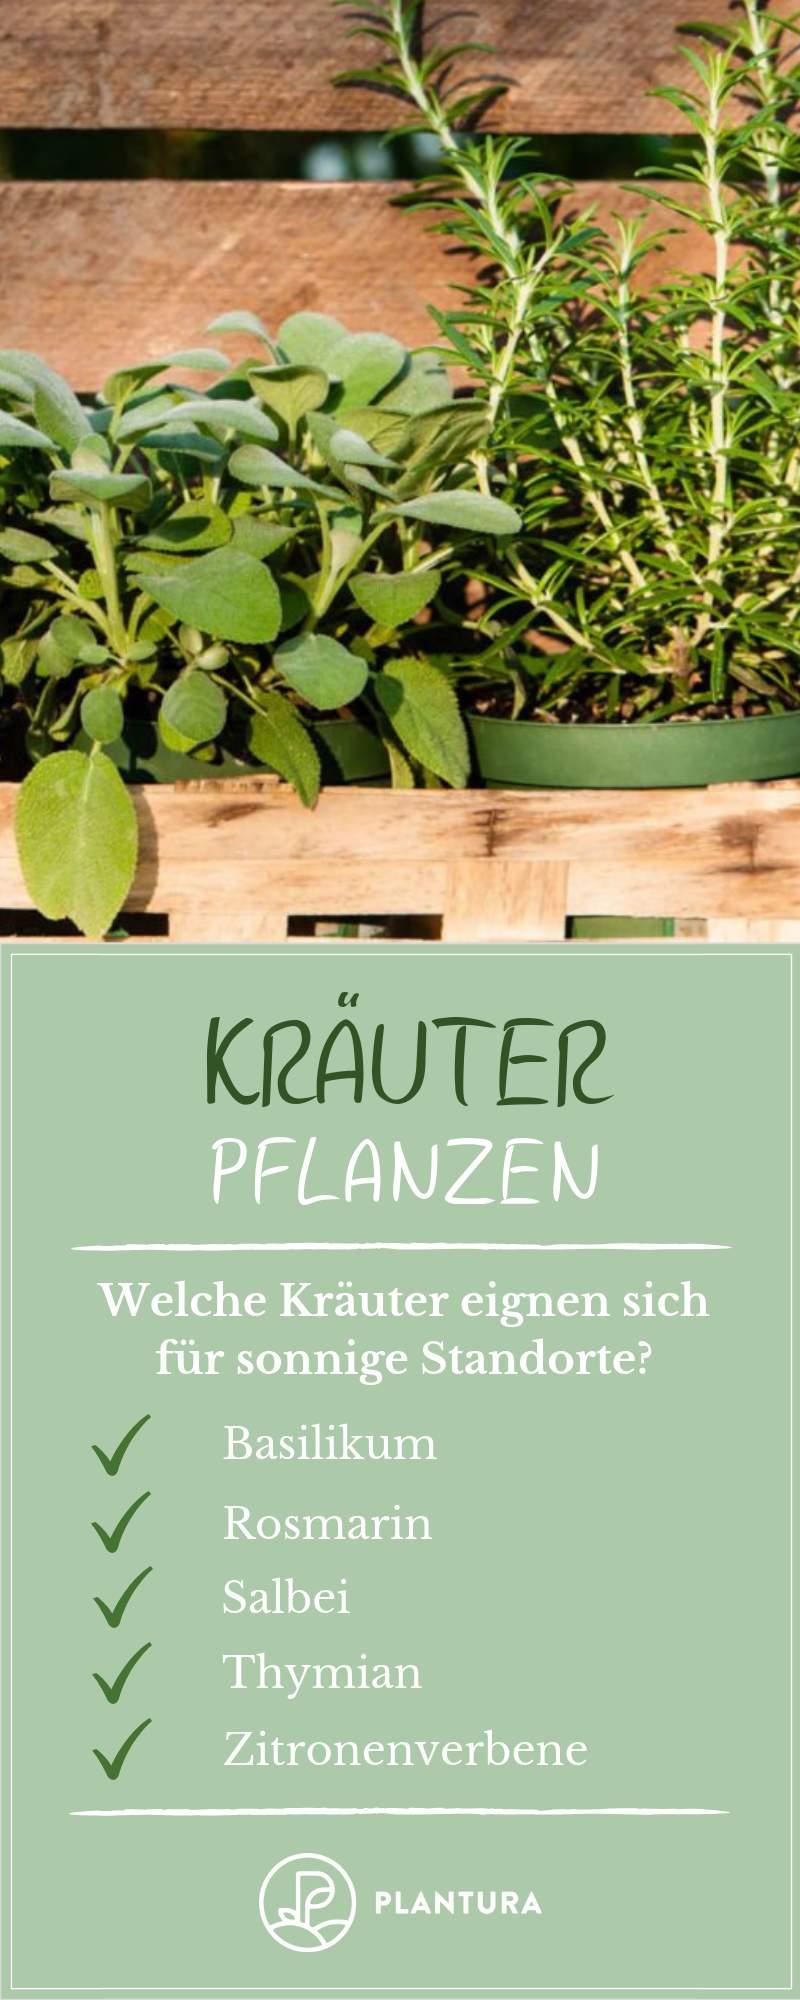 Rosmarin Im Garten Reizend Kräuter Pflanzen Anleitungen & Tipps Für Fensterbrett